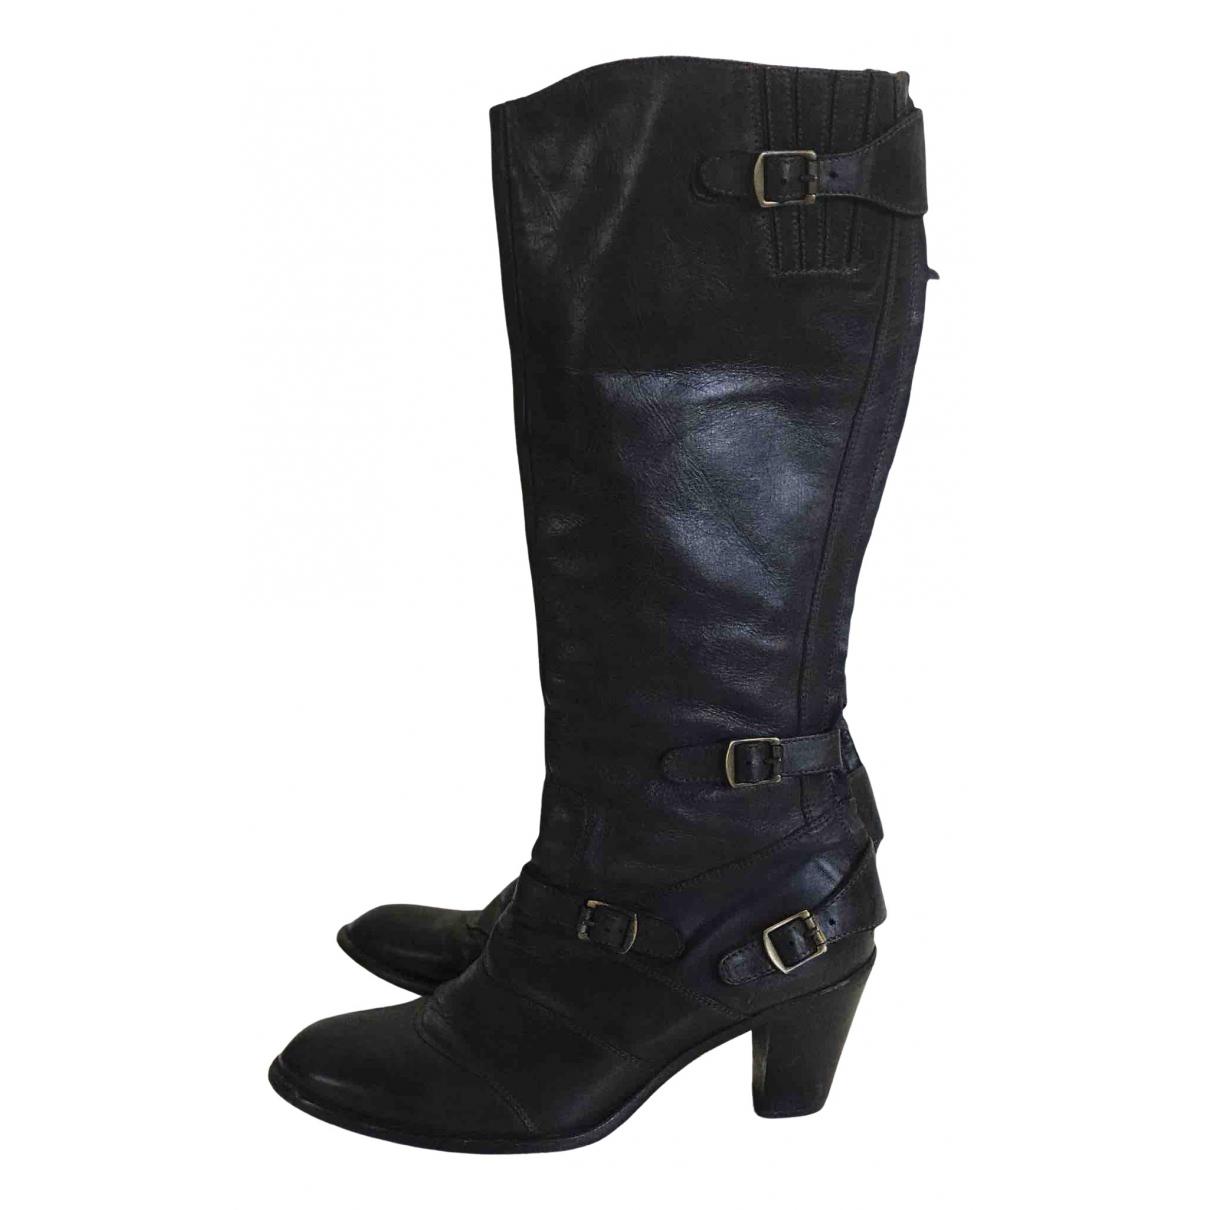 Belstaff - Boots   pour femme en cuir - noir